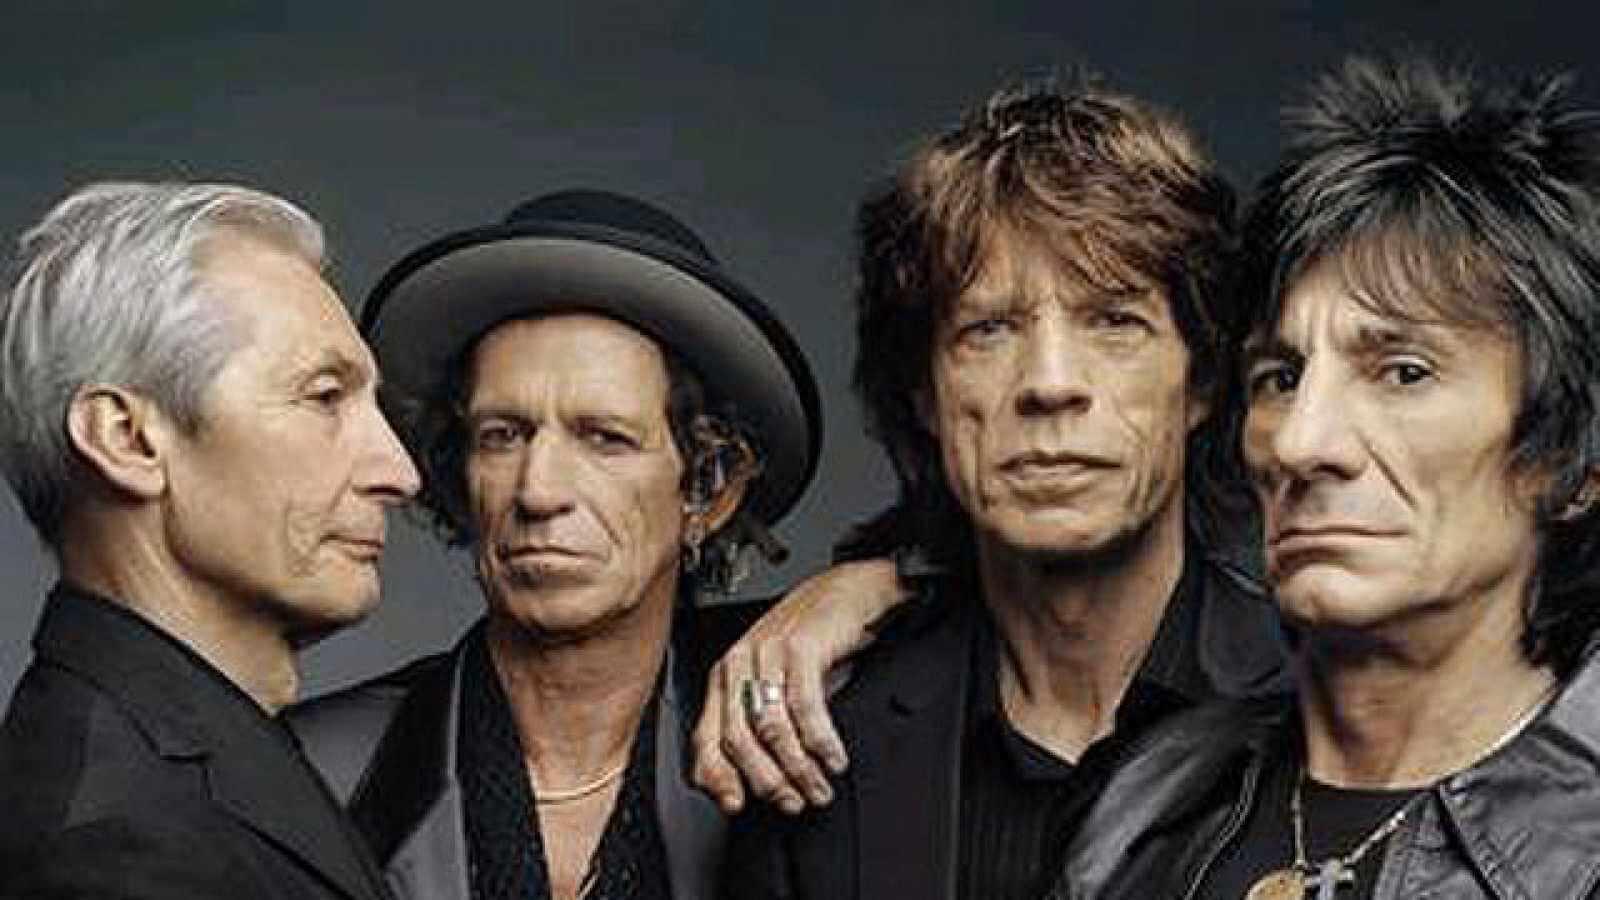 Los Rolling Stones anunciaron que iniciarán su gira por Estados Unidos y Canadá el 21 de junio, la gira había sido aplazada debido a su gira debido a la salud del cantante Mick Jagger.